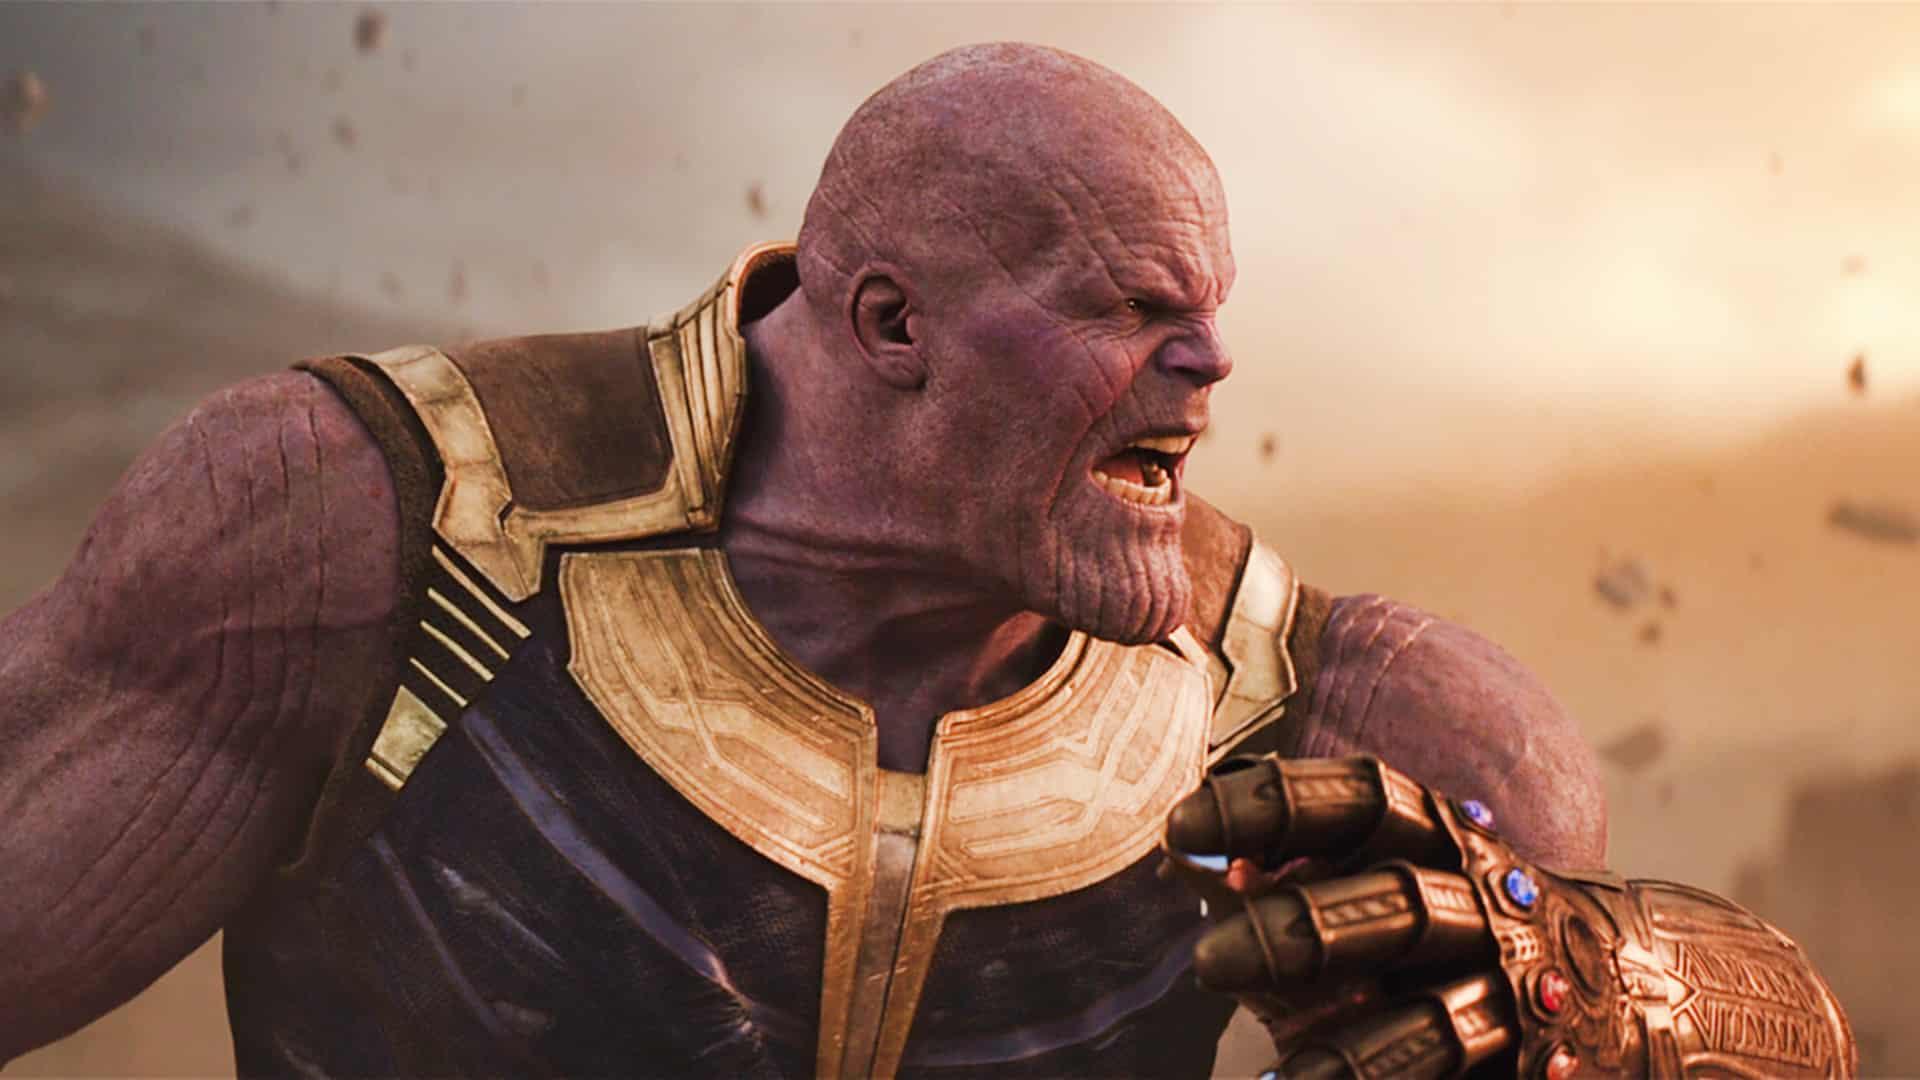 Zomrel Thanos v Infinity War?